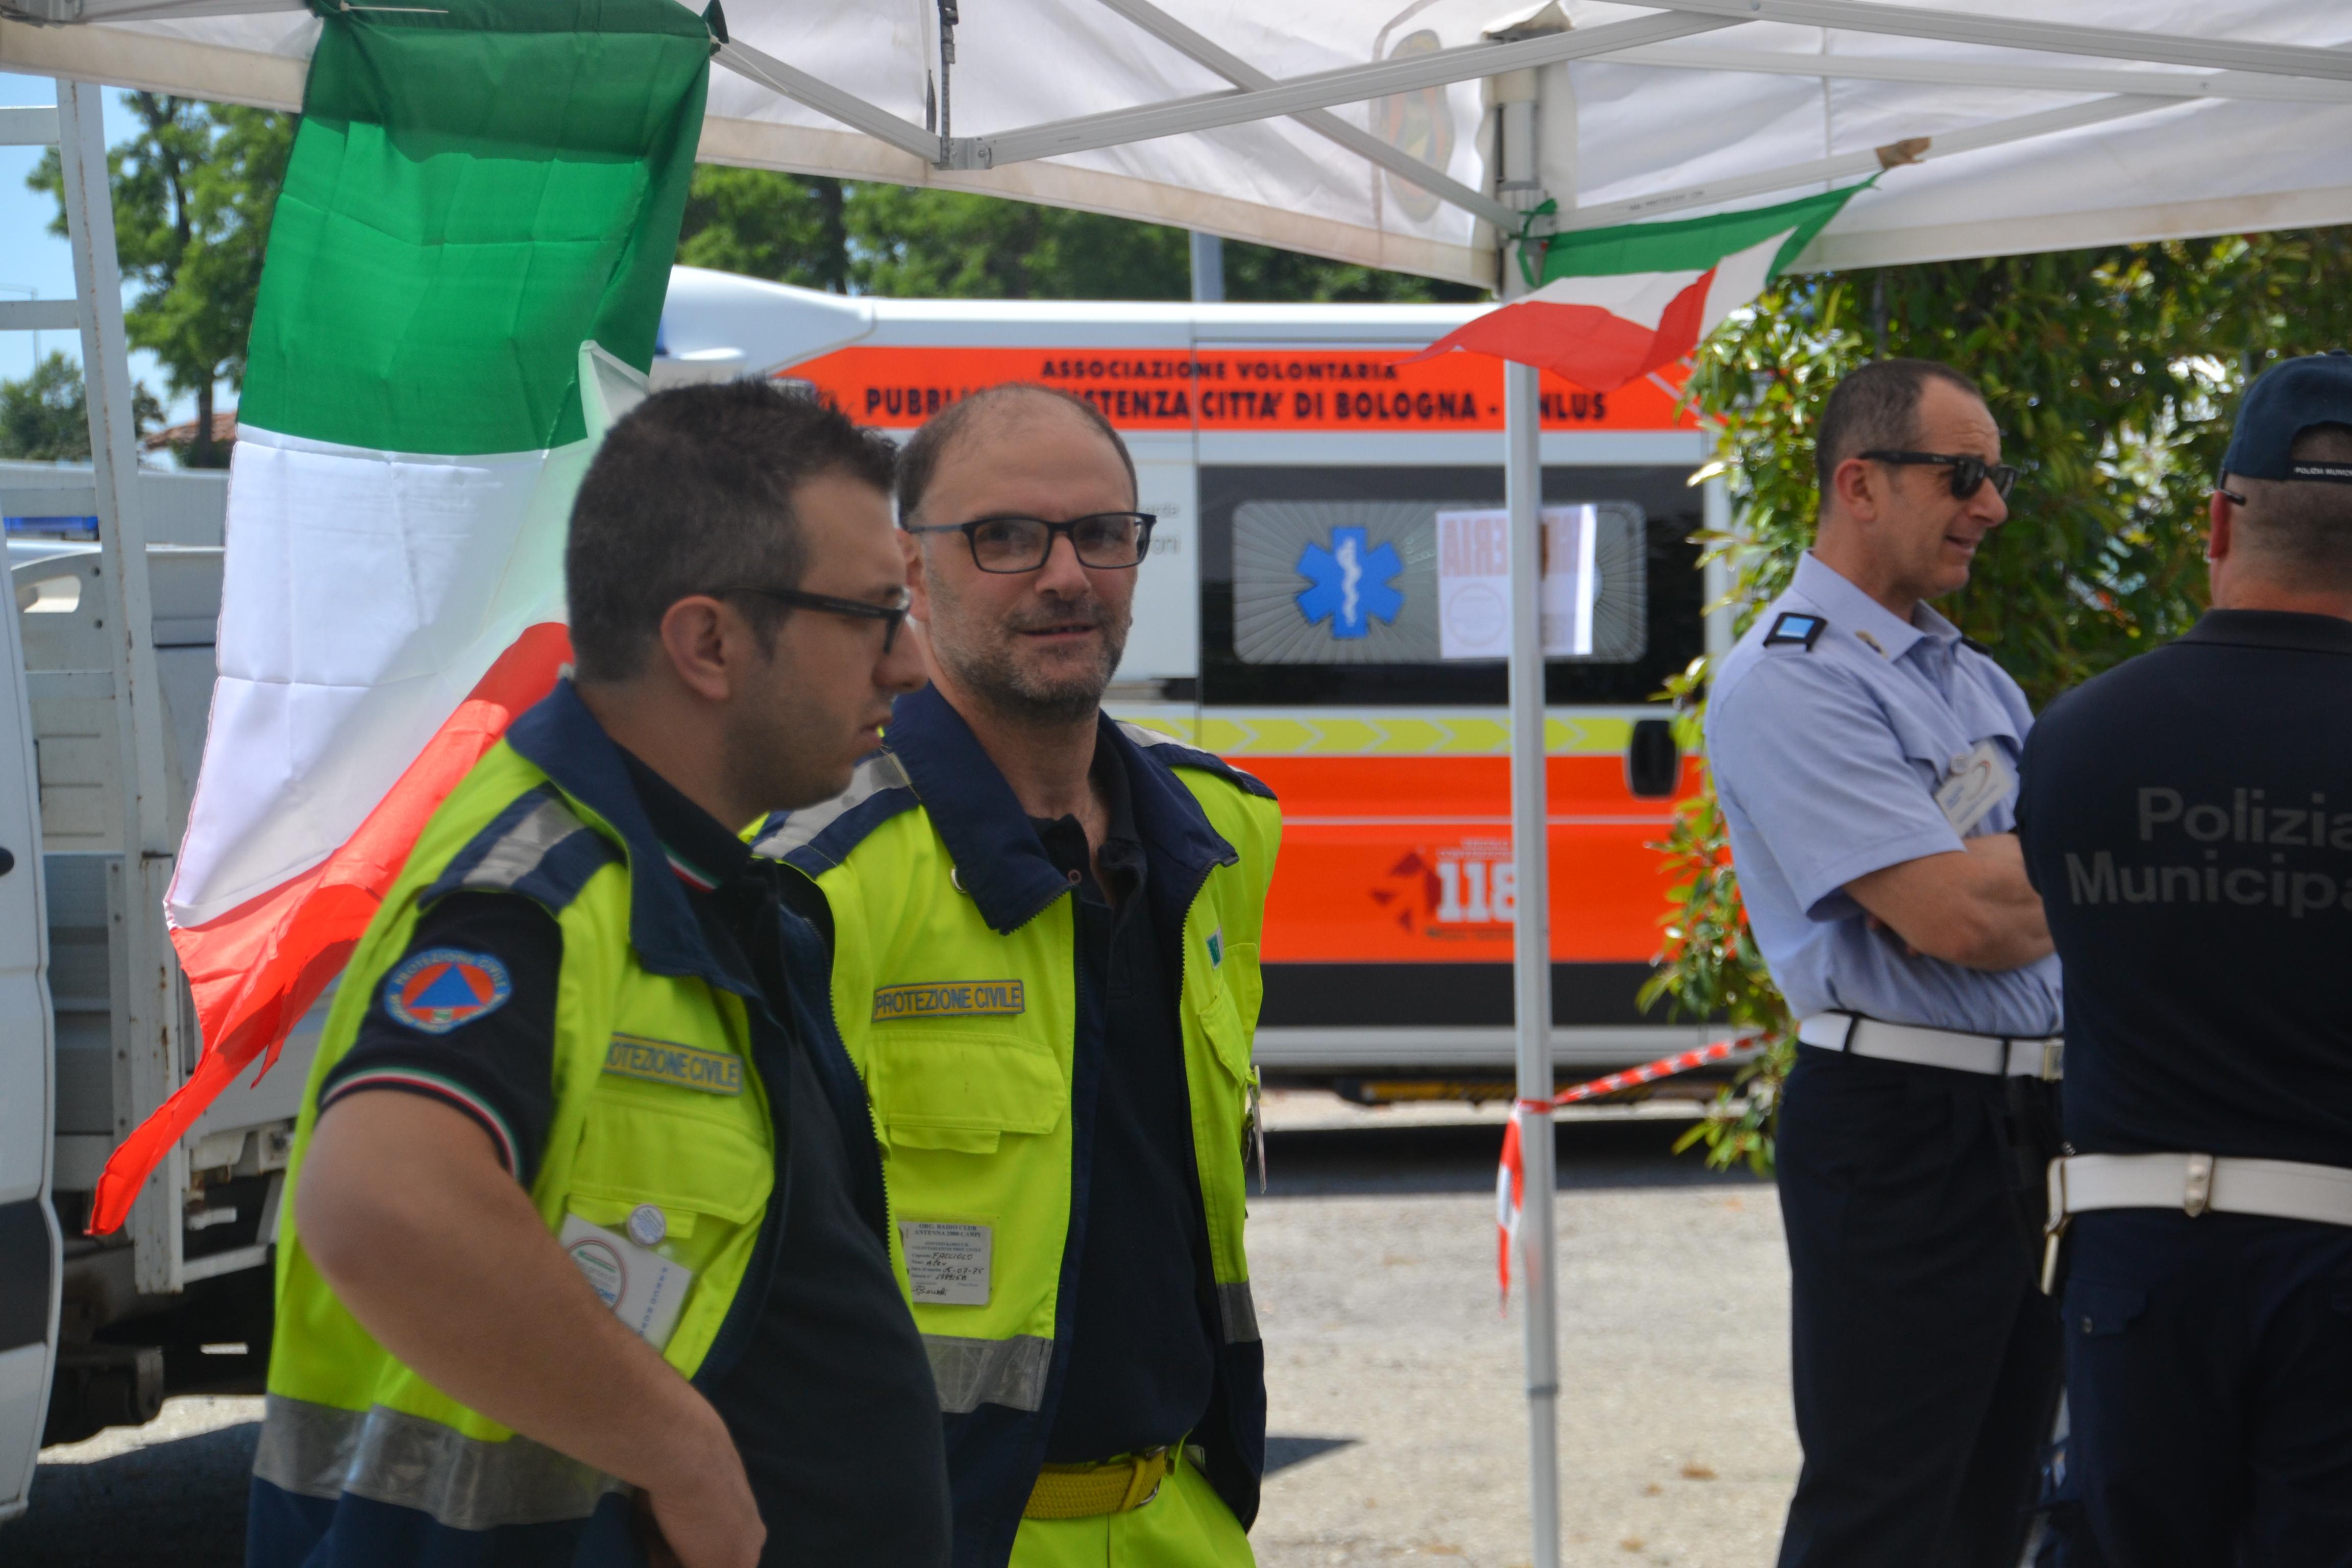 Stati generali volontariato di protezione civile 21/27